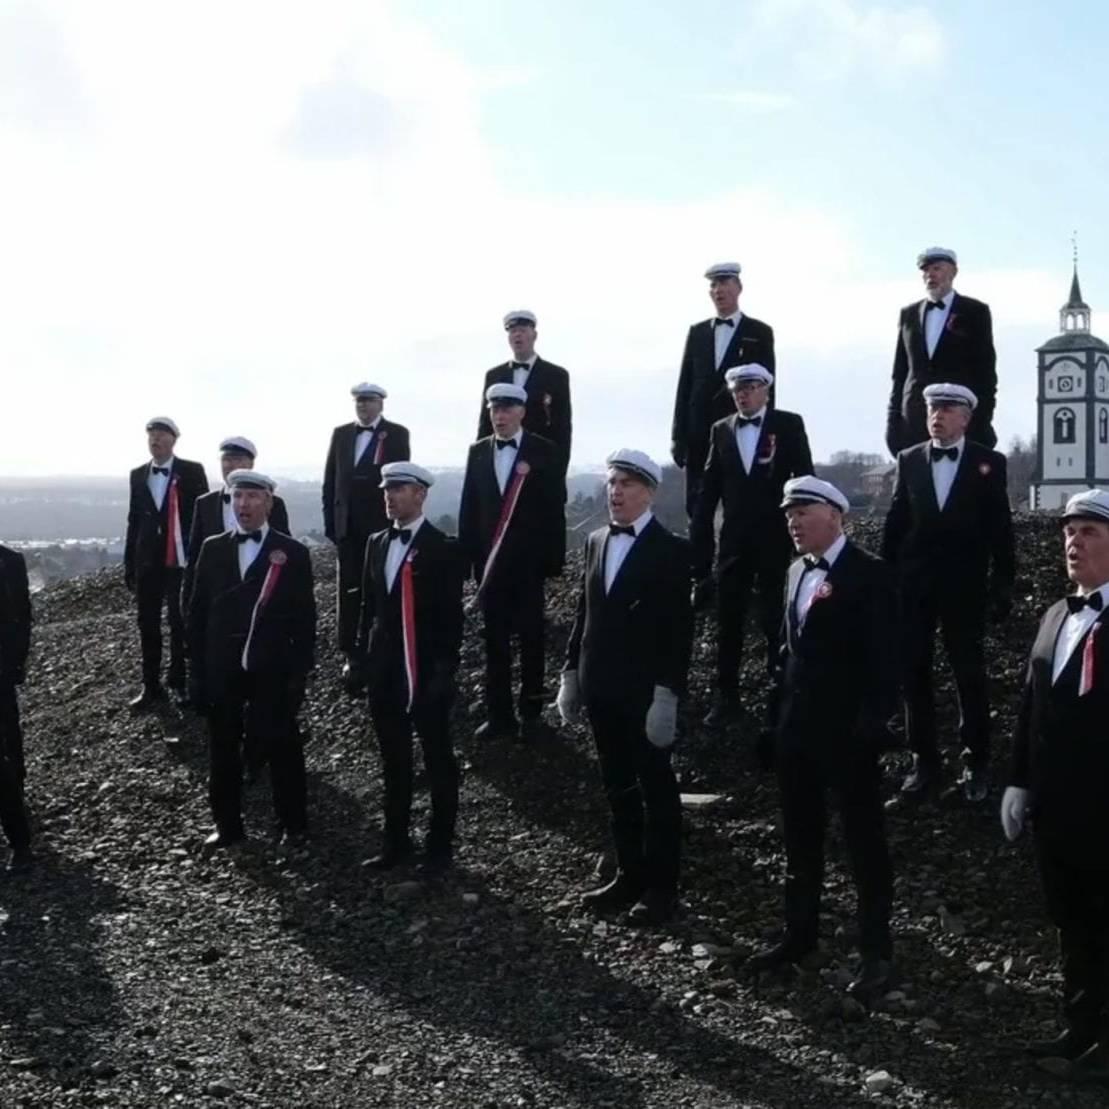 Røros, 17. mai 2020: Sammen hver for oss. Foto: Ren Røros Frontal